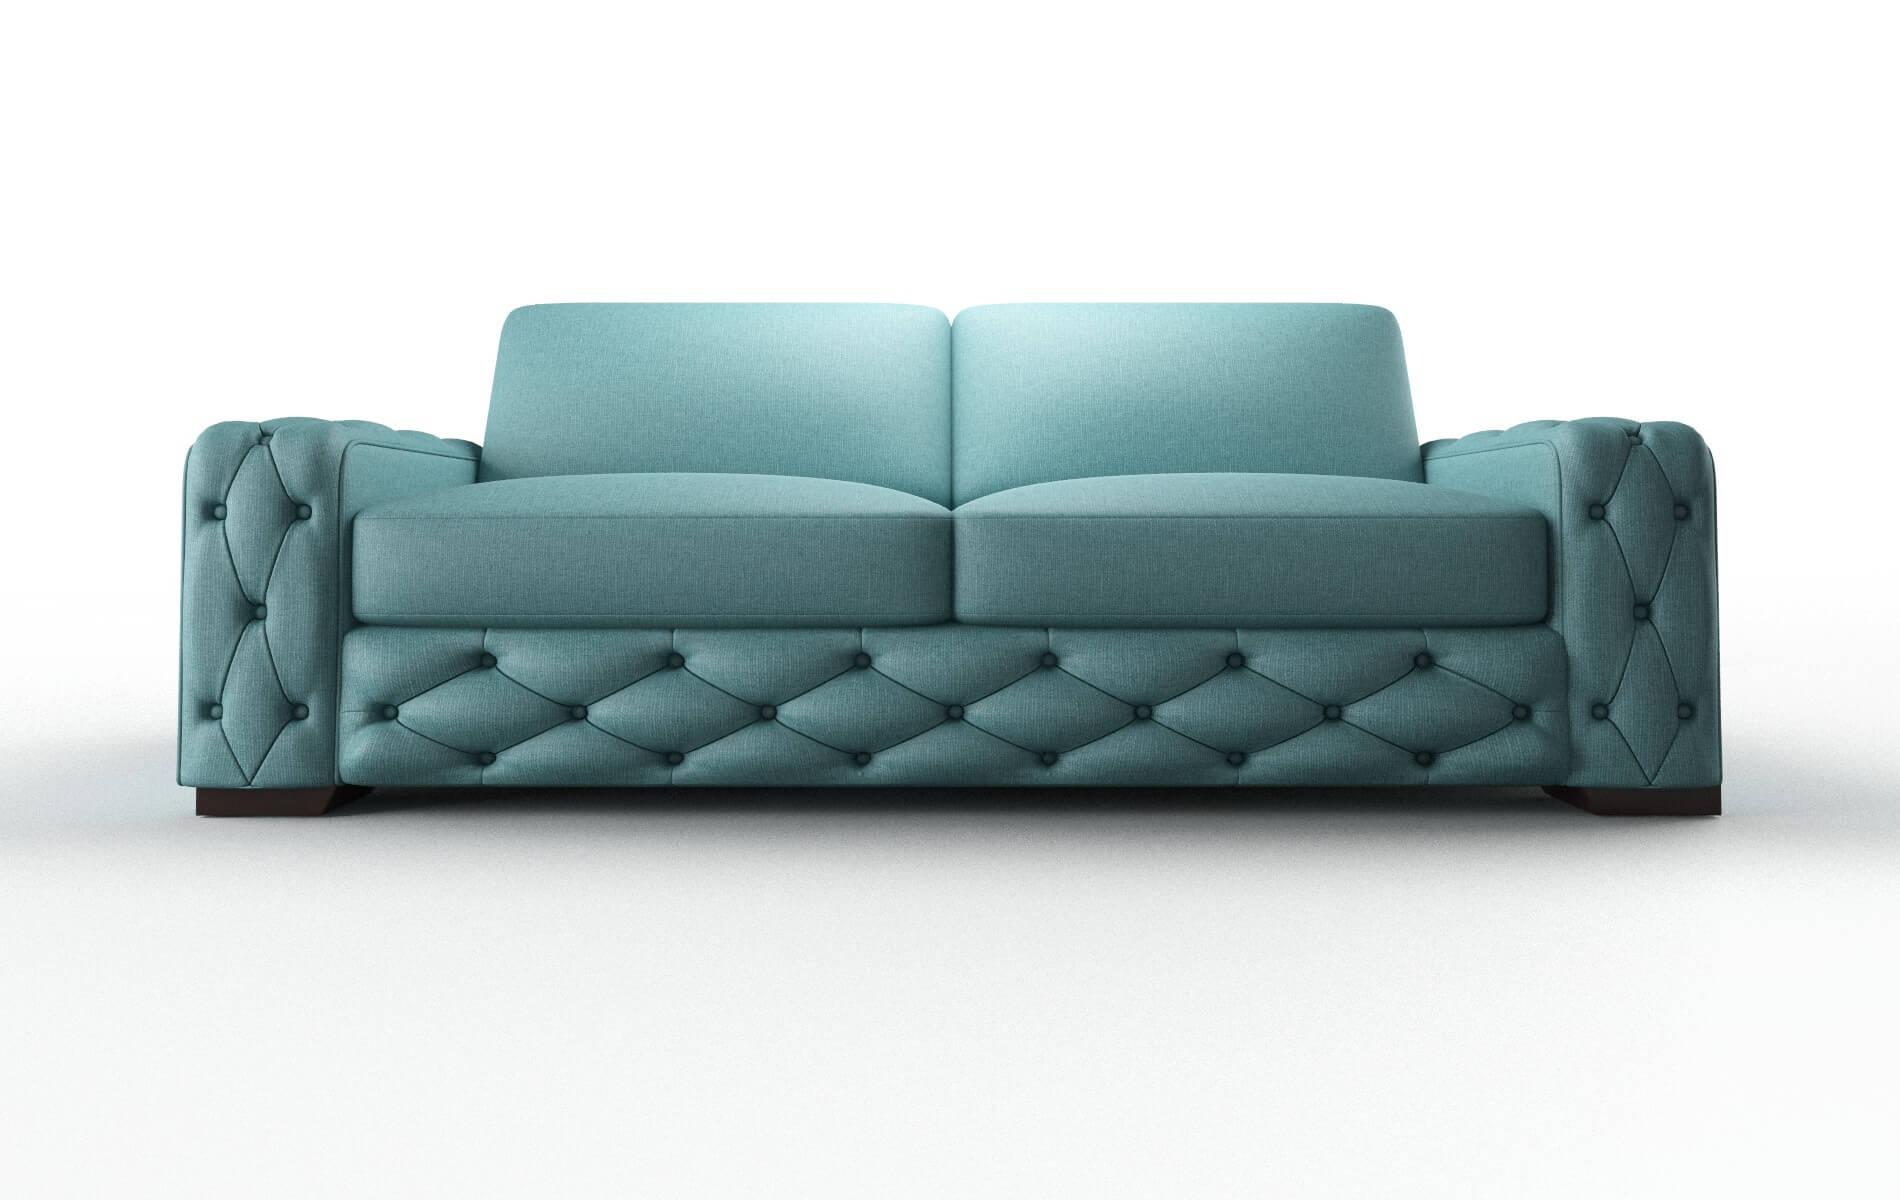 Windsor Parker Turquoise Sofa espresso legs 1